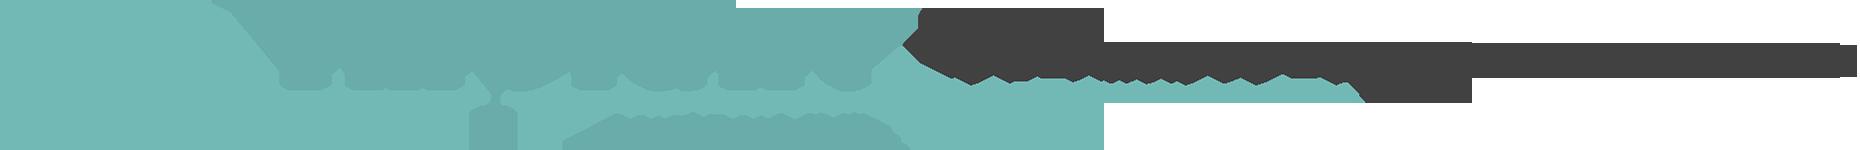 インプラント治療 「グローバルスタンダード」のインプラント治療をご提供